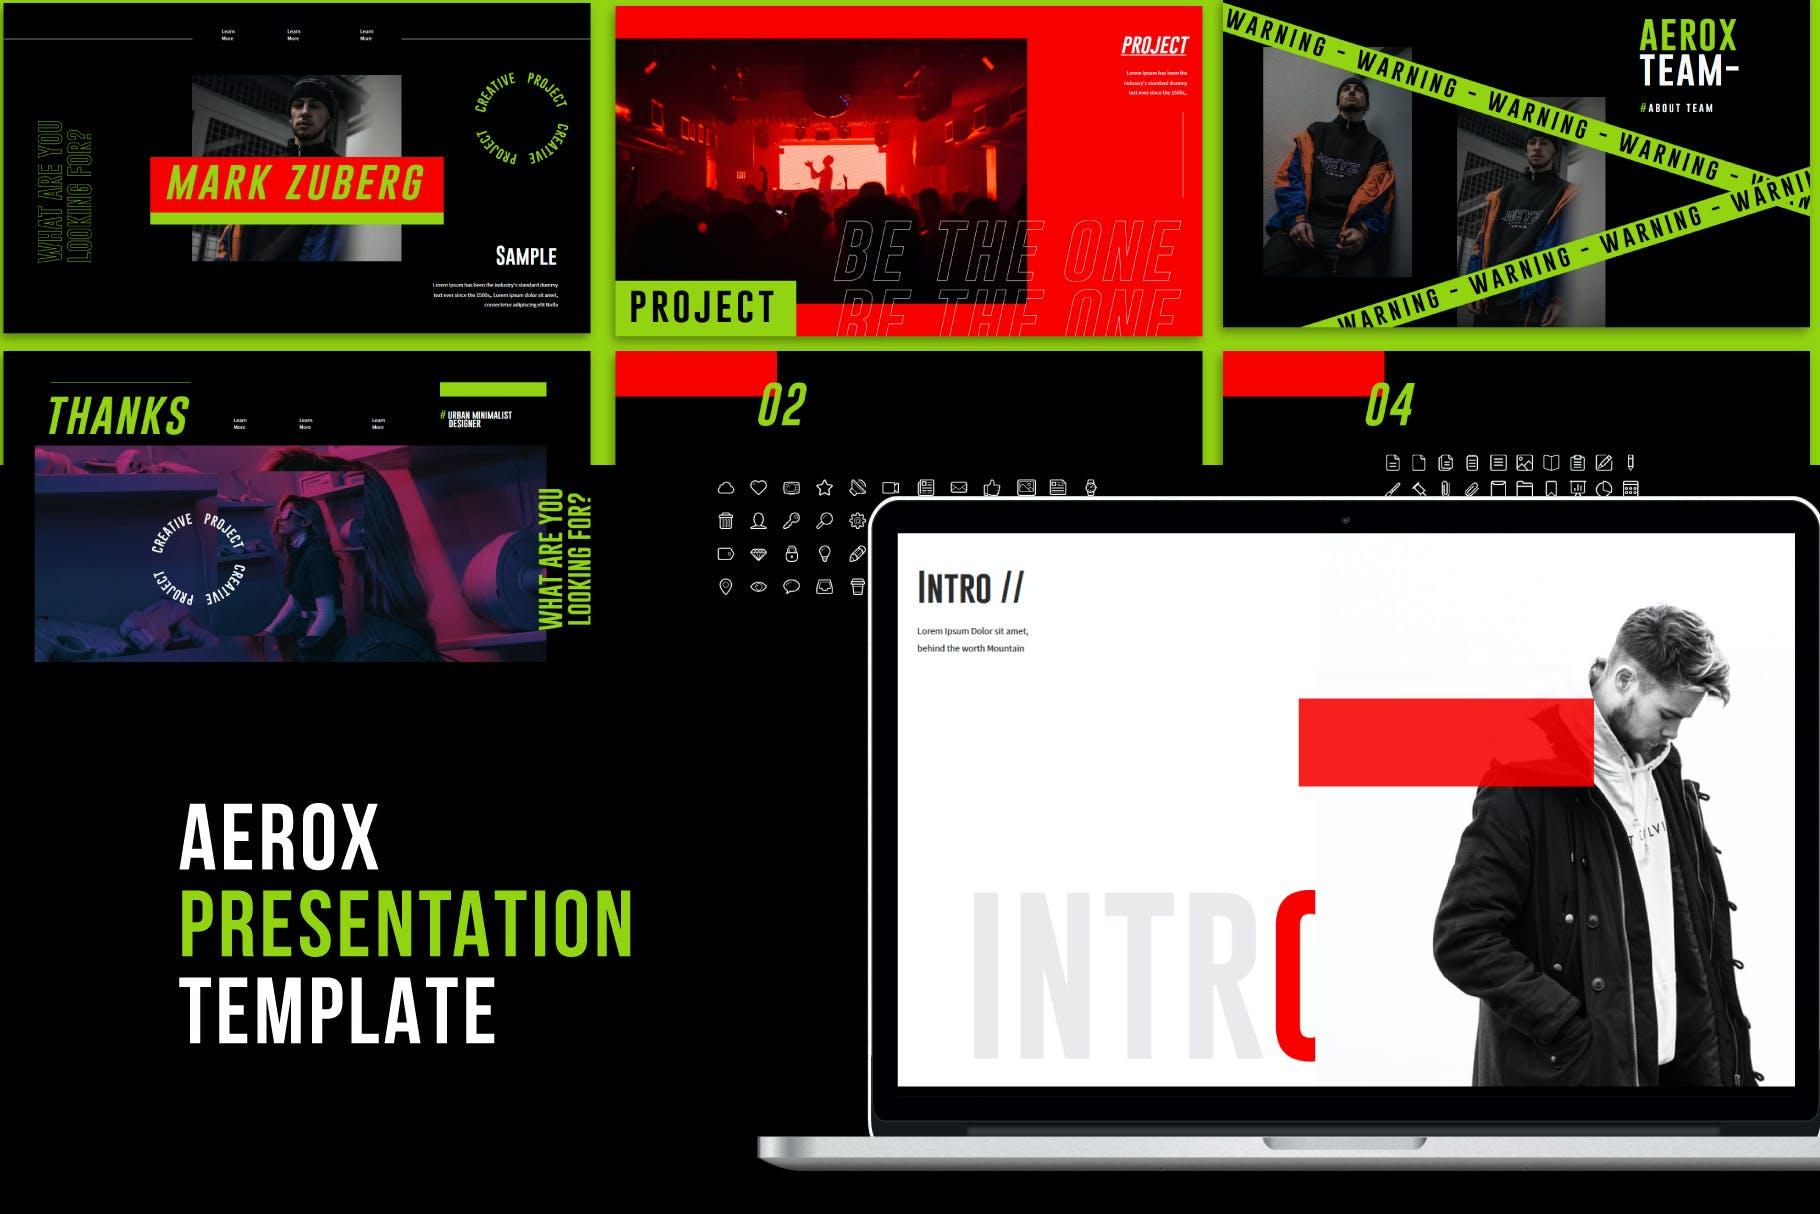 时尚潮流撞色运动潮牌品牌推广PPT演示文稿模板素材 Aerox – Powerpoint Template插图(2)